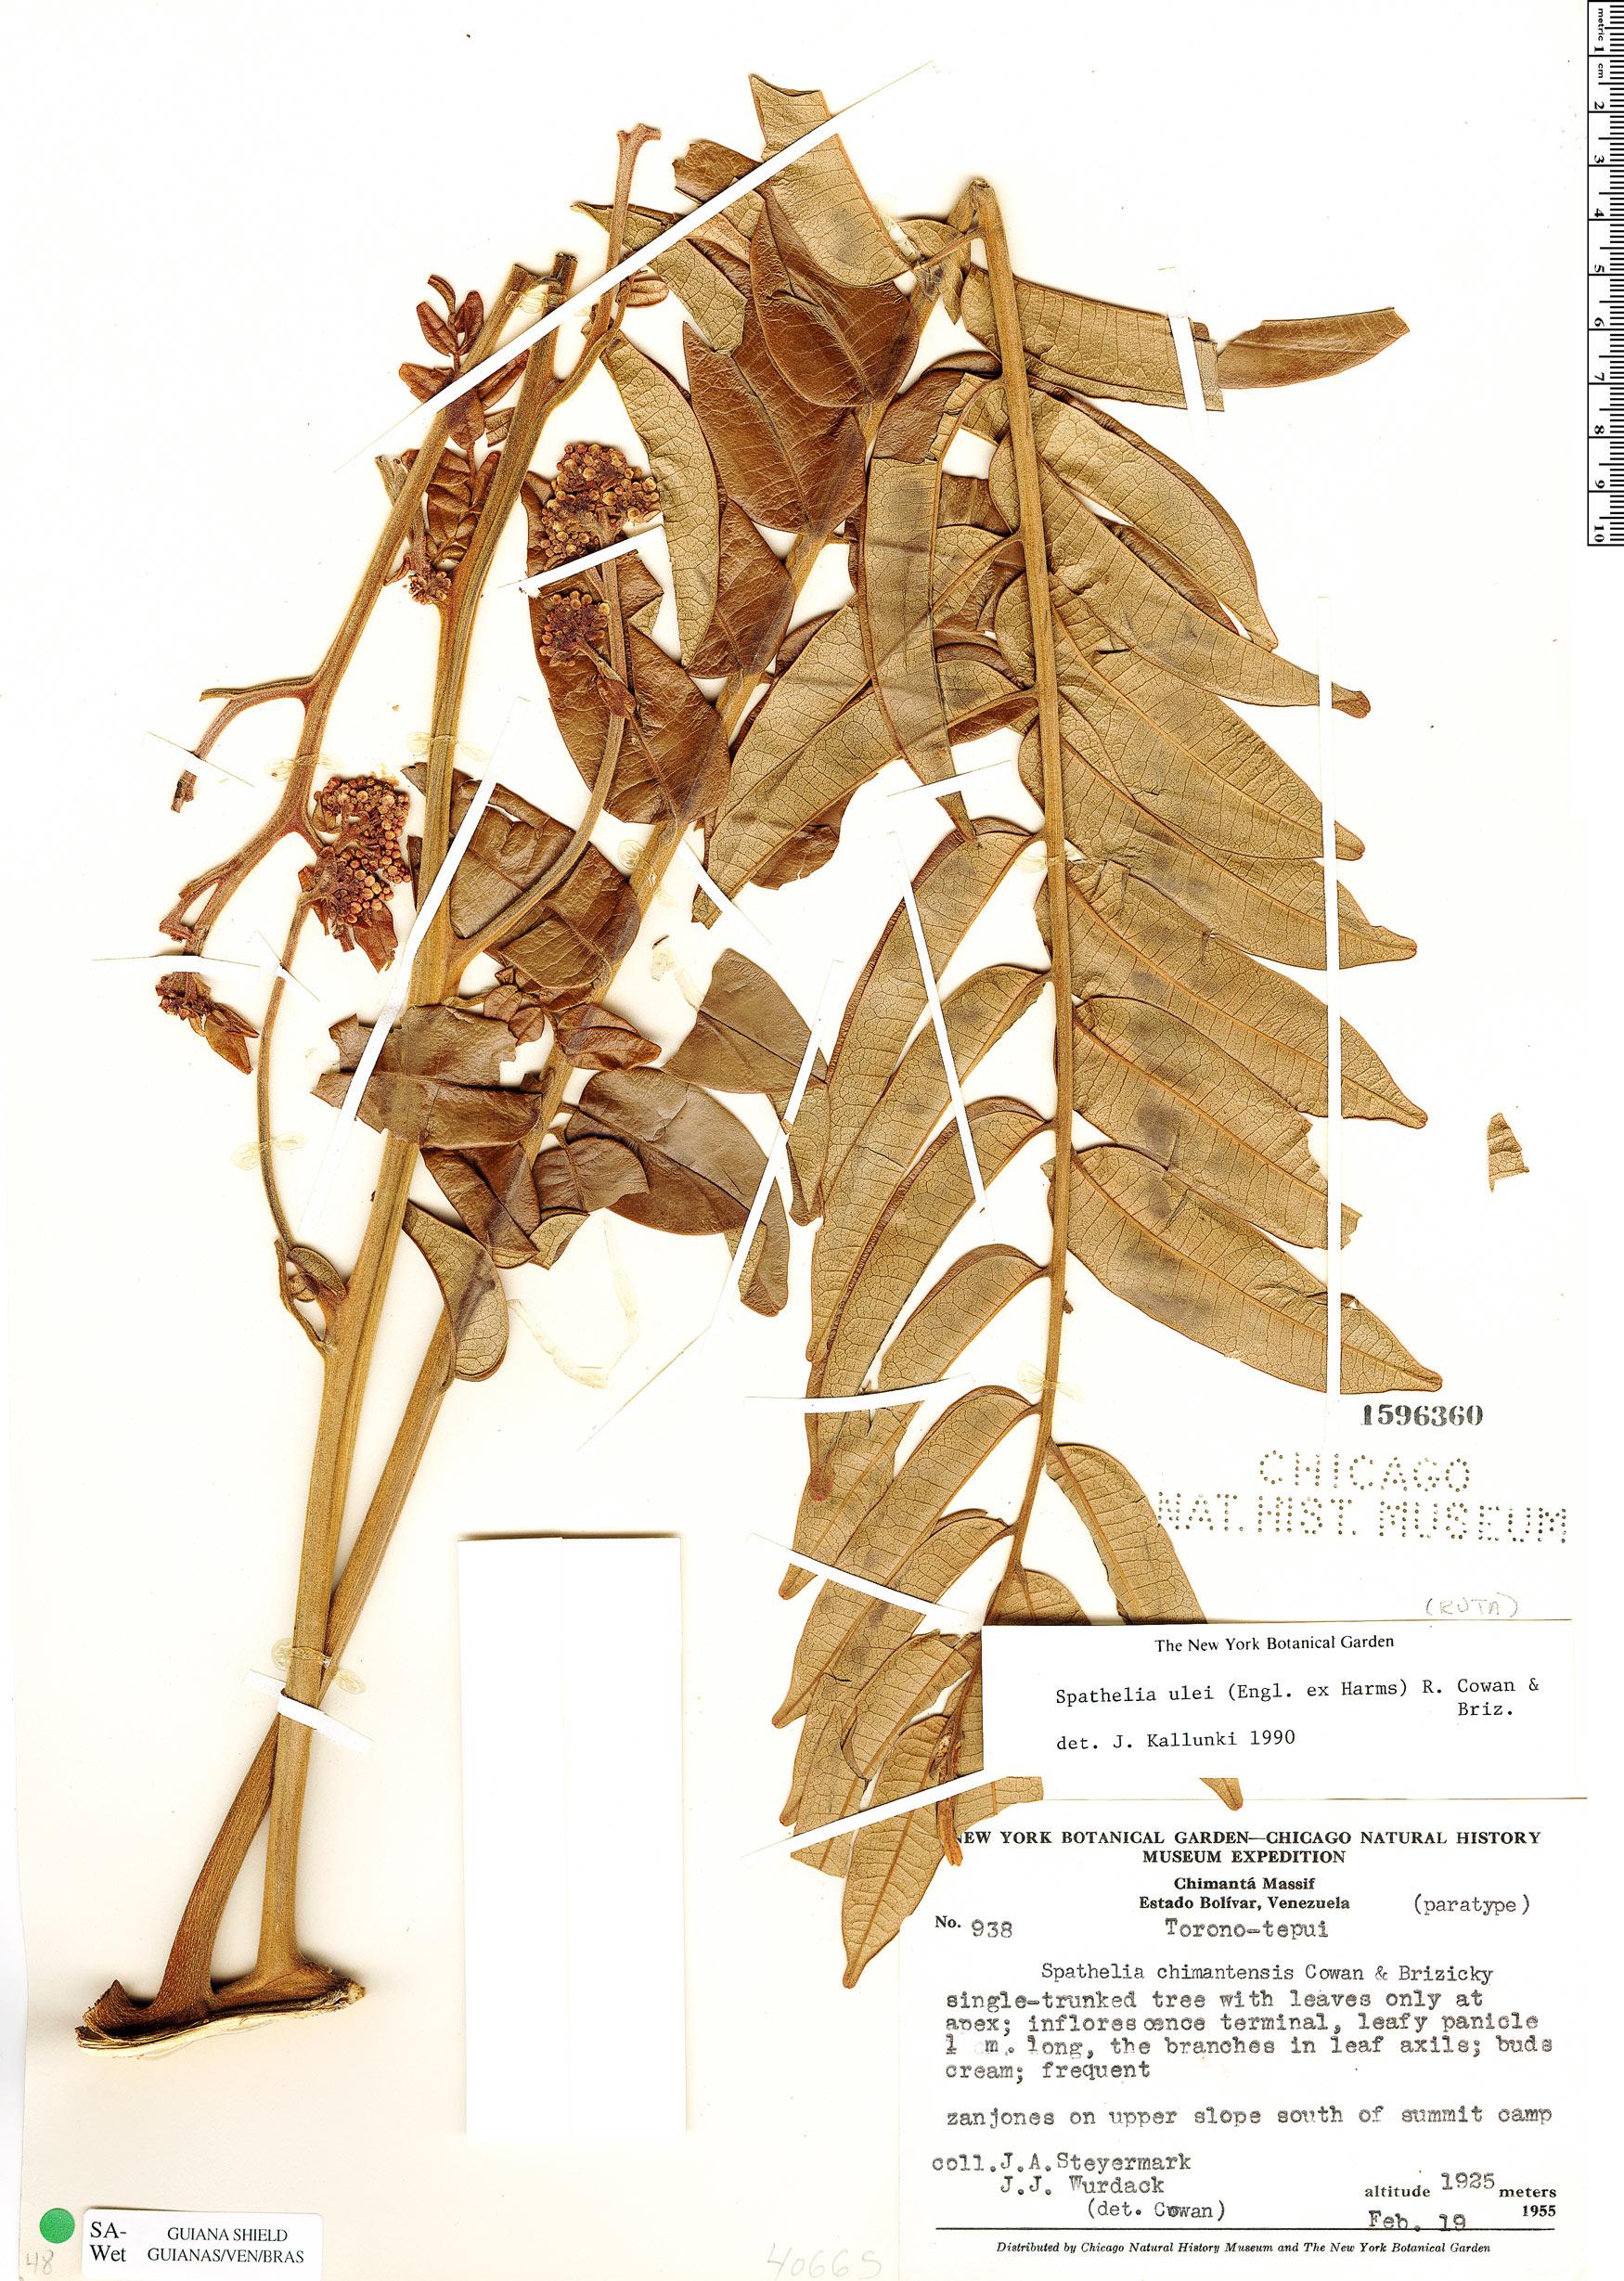 Specimen: Spathelia ulei